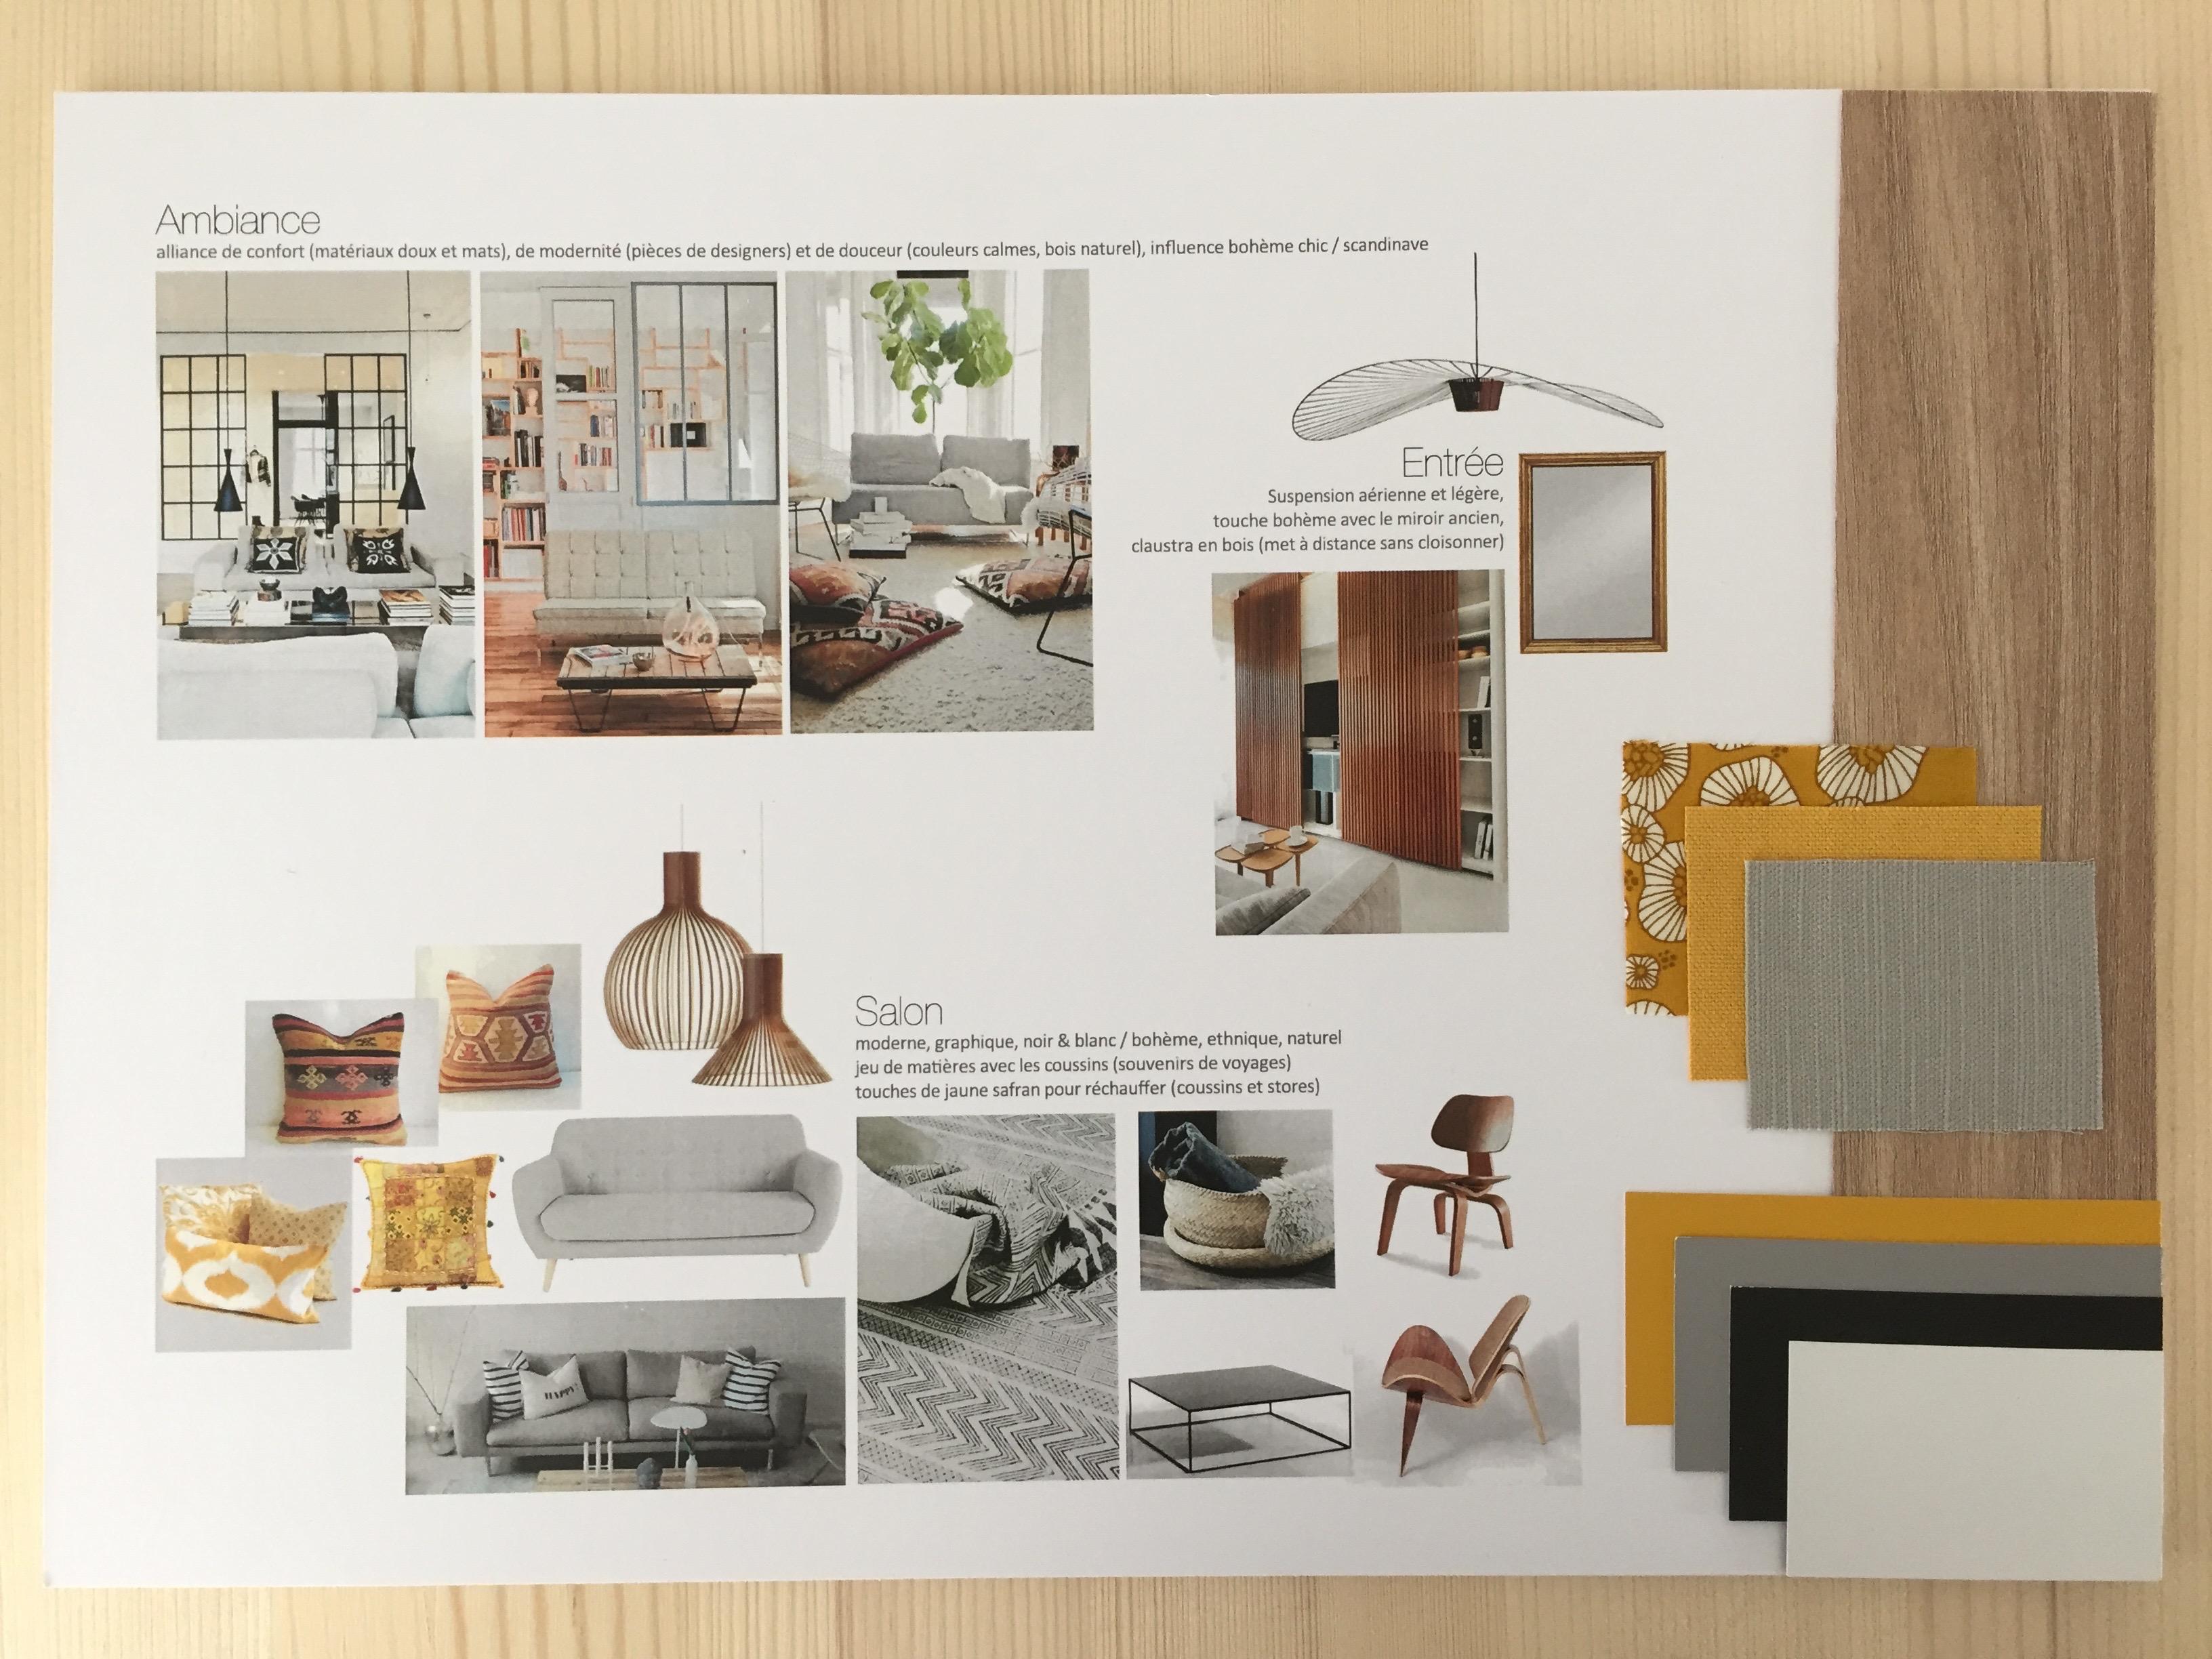 projet d co 1 appartement pour un couple ambiance boh me design pierre papier ciseaux. Black Bedroom Furniture Sets. Home Design Ideas